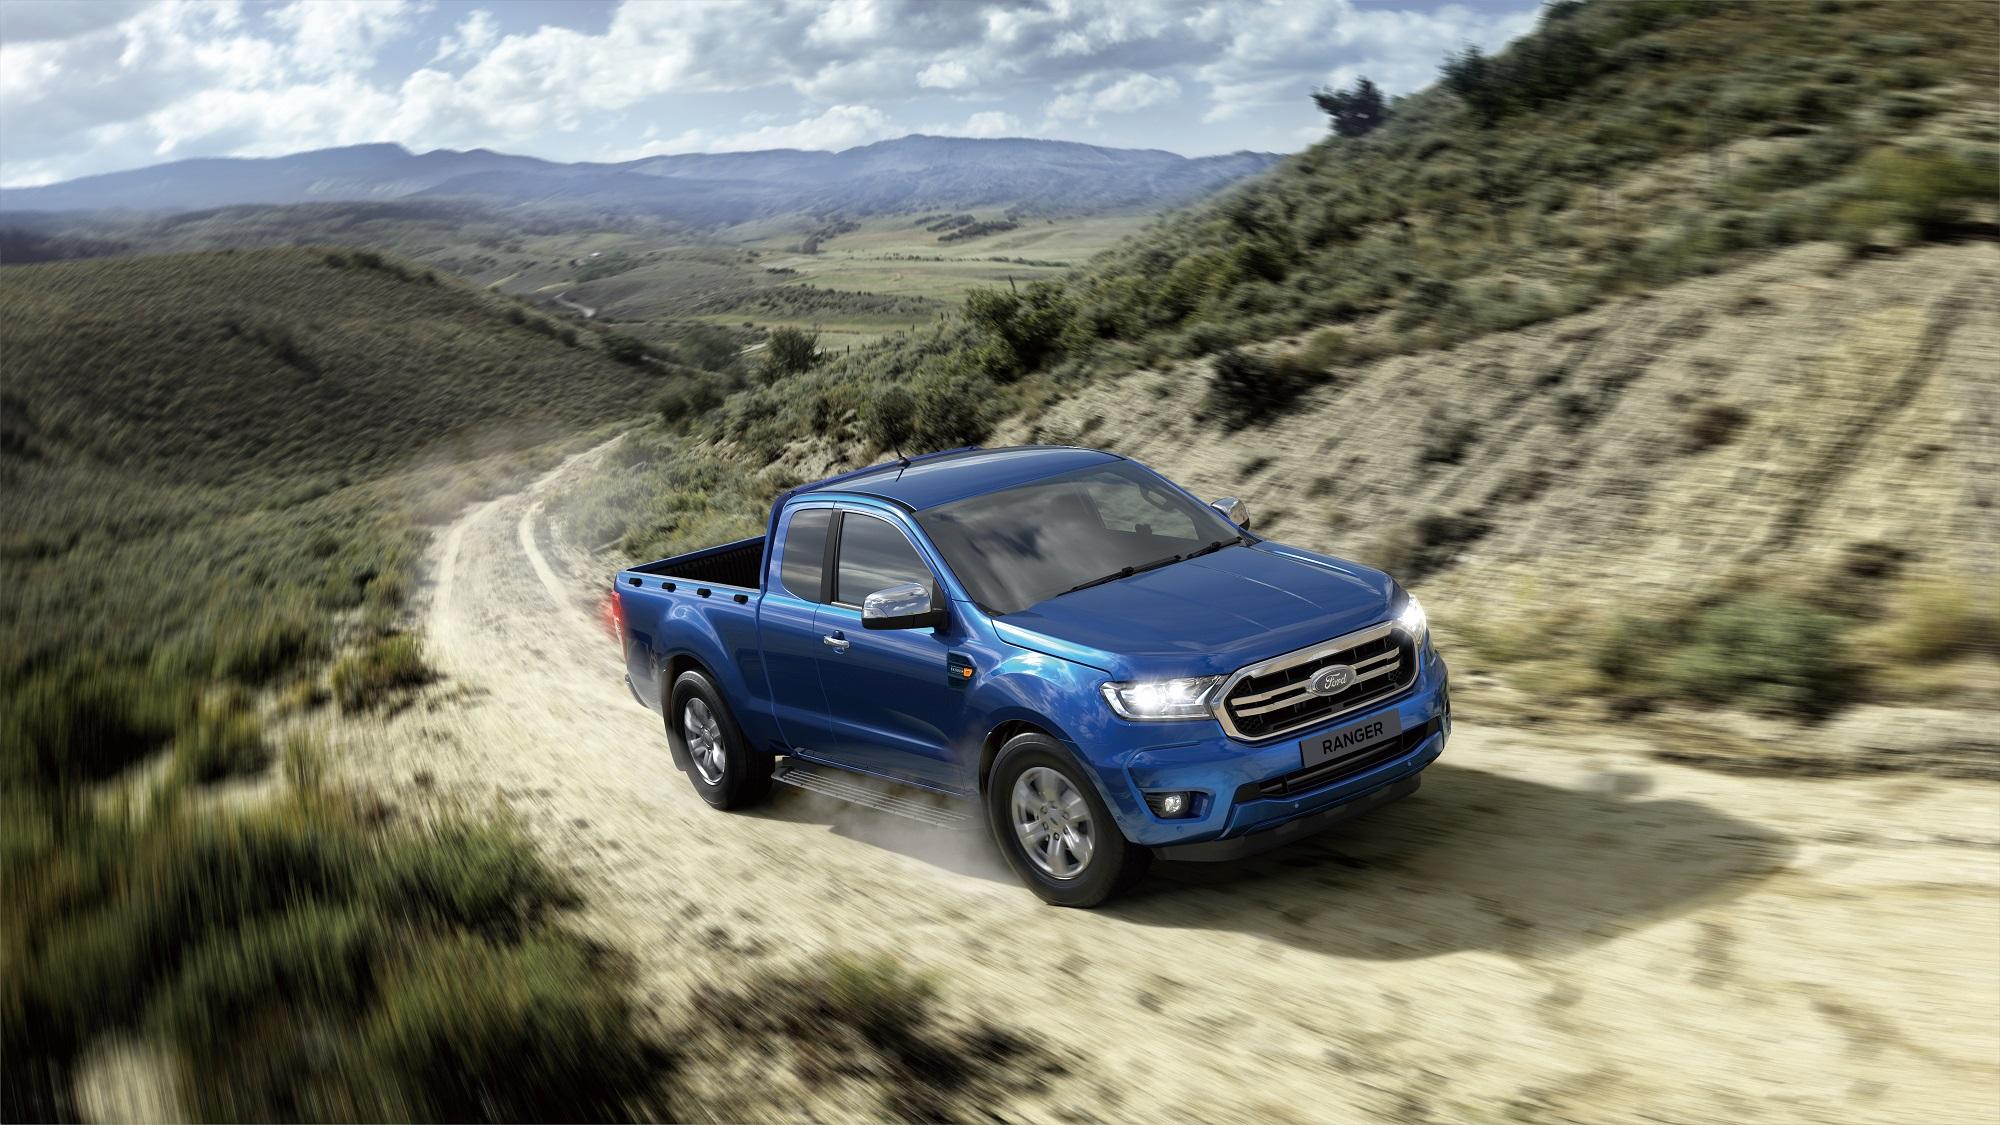 21 年式 Ford Ranger 職人型/全能型 104.8 萬元升級上市